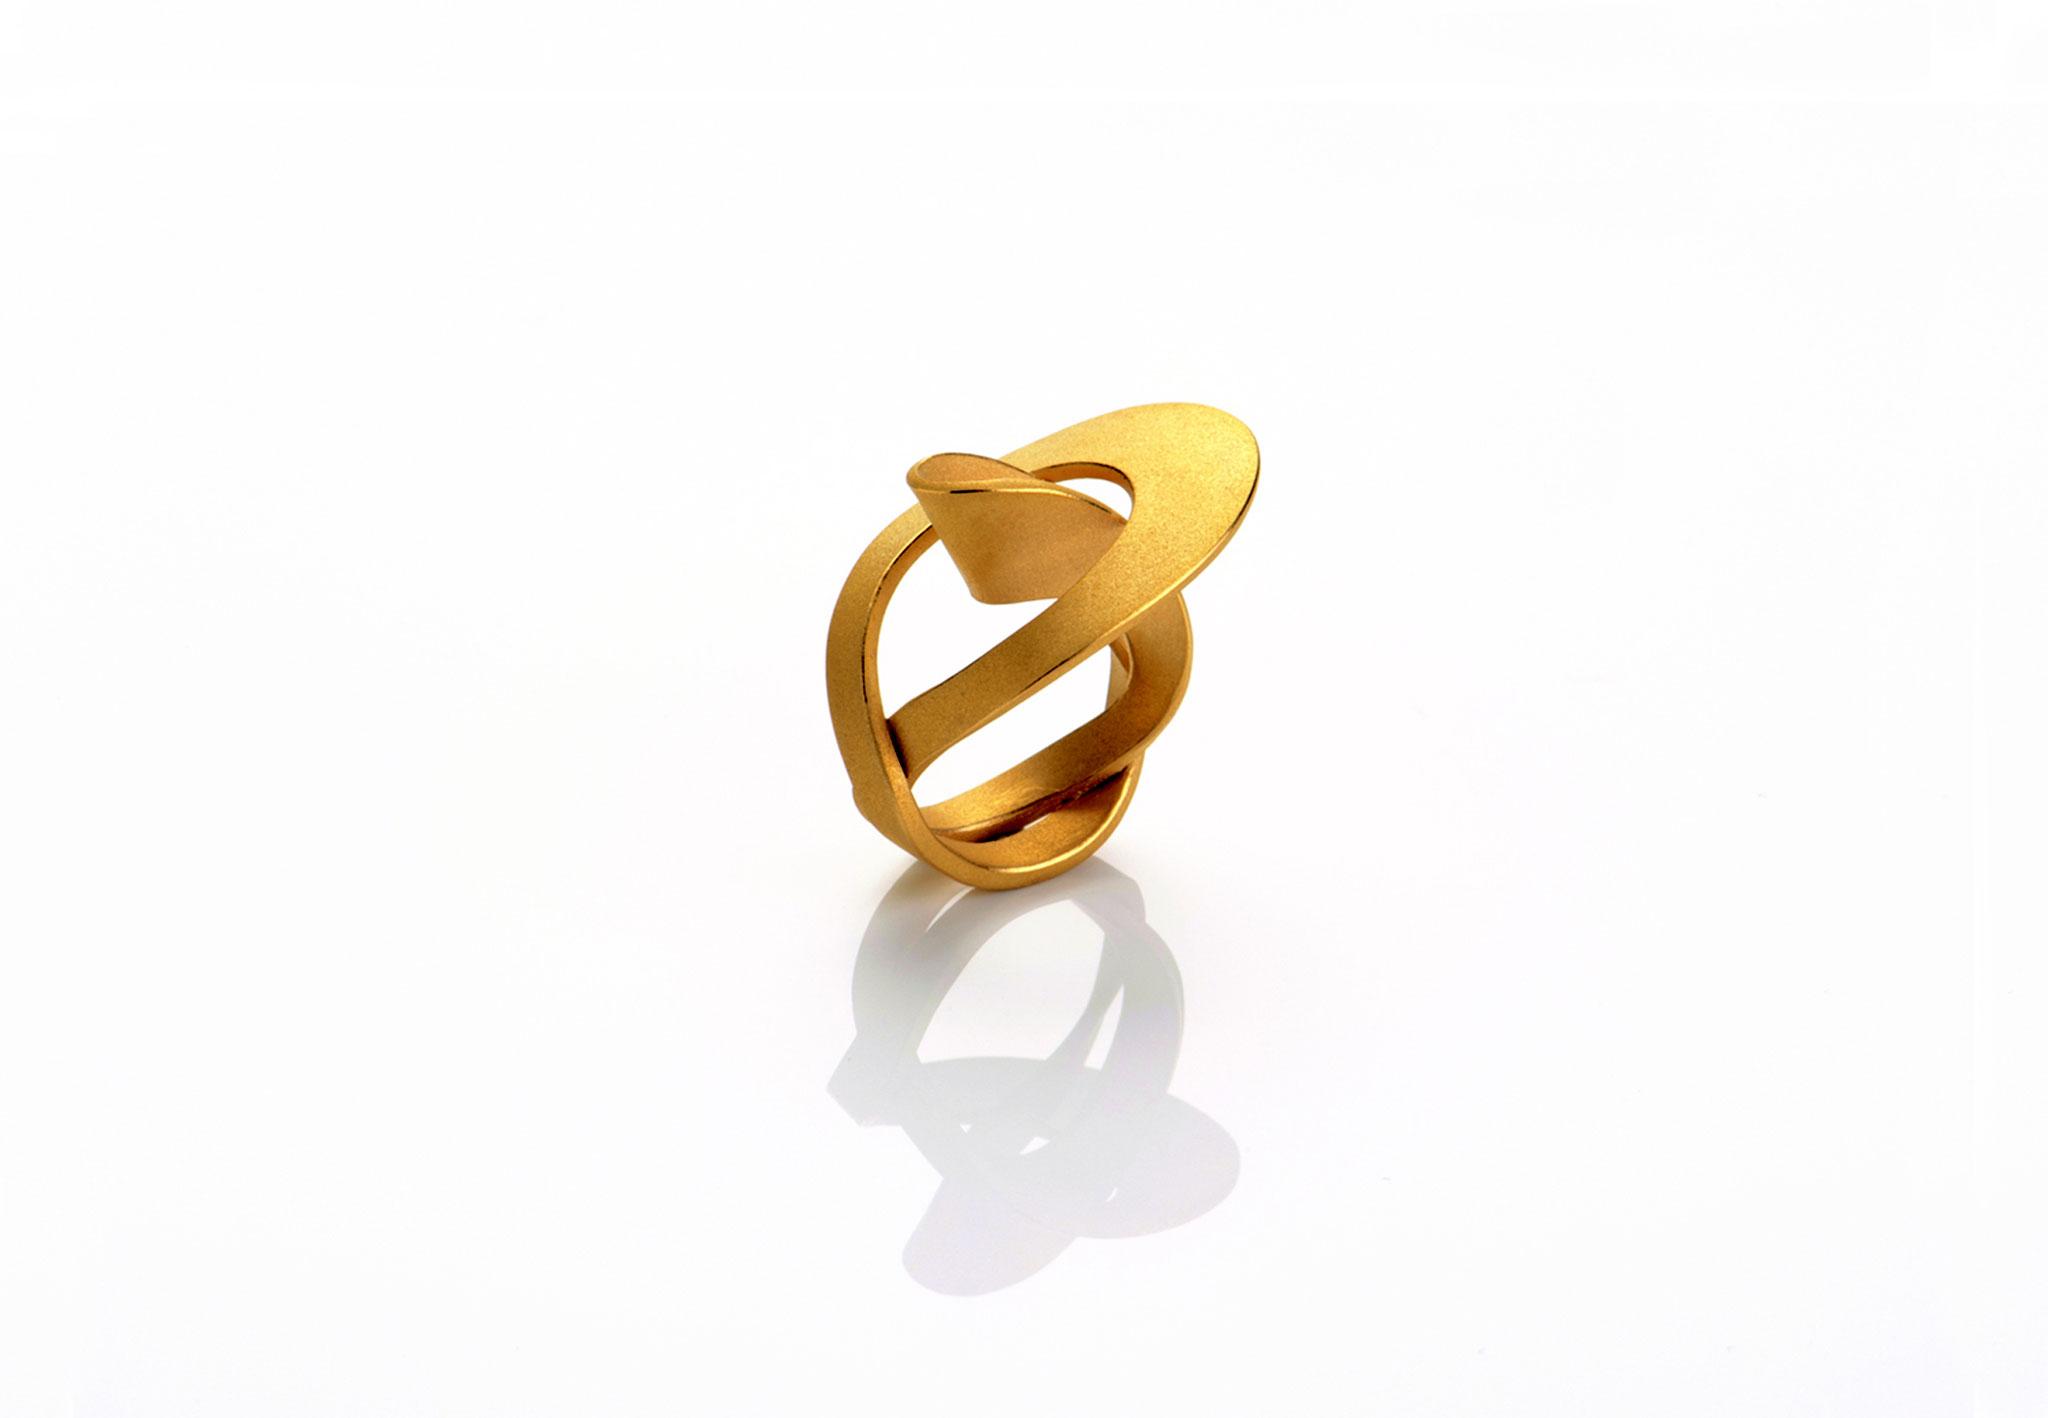 Wendepunkt Ring M5, 925/- Silber, 18ct goldplattiert